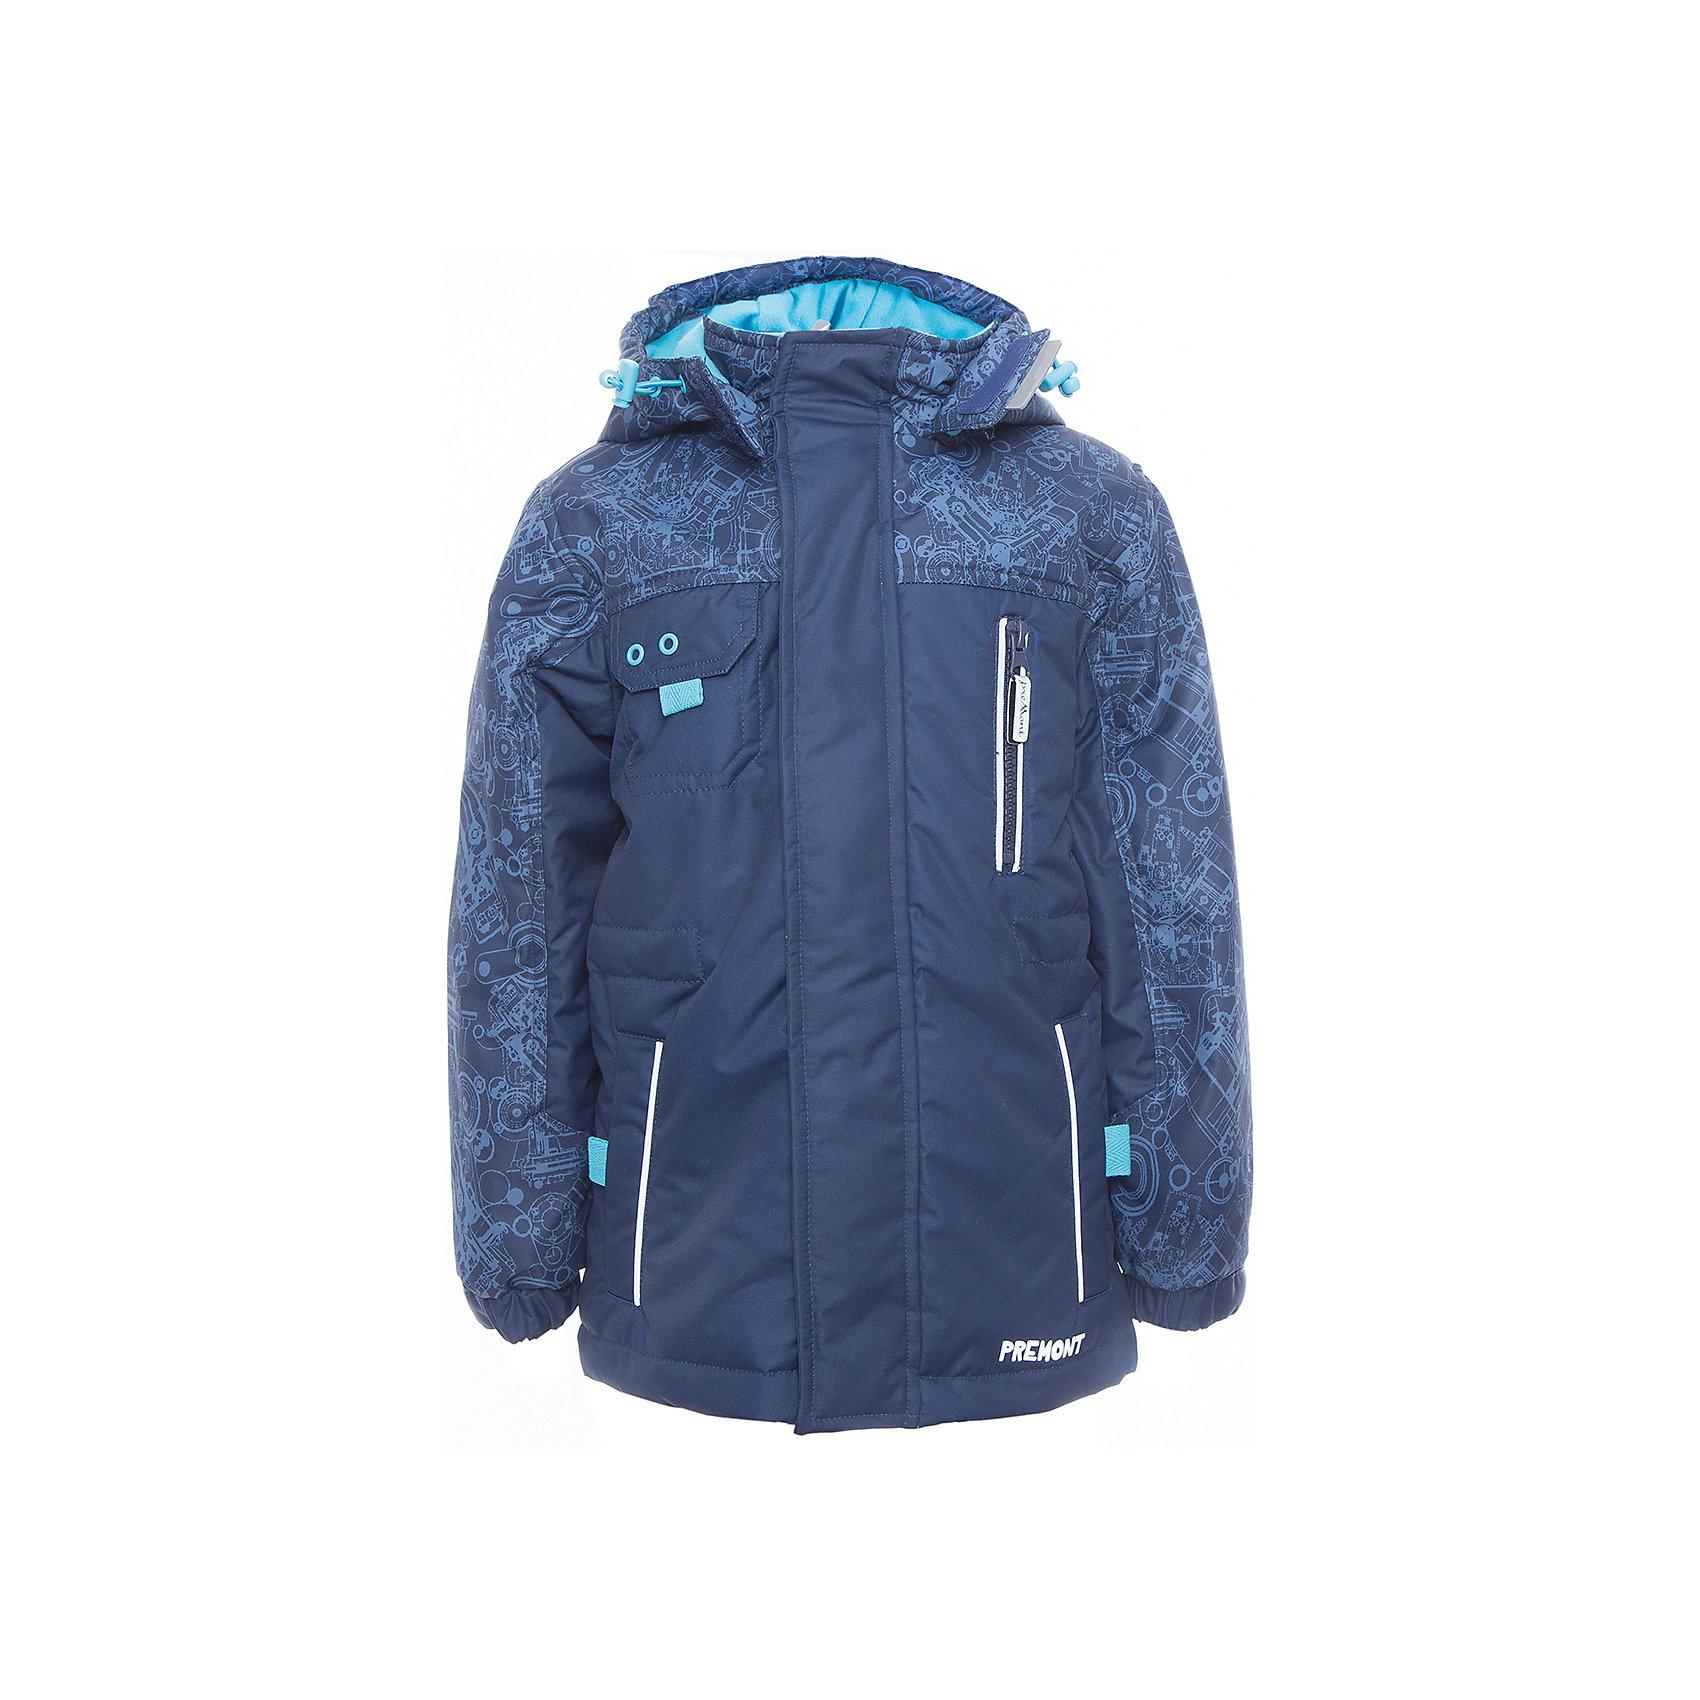 Парка для мальчика PremontВерхняя одежда<br>Характеристики товара:<br><br>• цвет: синий<br>• материал верха: 100% полиэстер, мембрана 3000 мм/ 3000 г/м ?/24h<br>• подкладка - тафетта, трикотаж с ворсом на воротнике и в капюшоне<br>• утеплитель - Tech-Polyfill, 120 г/м2<br>• температурный режим: от -5° С до +10° С<br>• водонепроницаемый материал<br>• съемный капюшон<br>• защита подбородка<br>• эластичные манжеты<br>• комфортная посадка<br>• светоотражающие элементы<br>• молния<br>• страна бренда: Канада<br><br>Демисезонная парка защитит от ветра и дождя. <br>Одежда от канадского бренда Premont пользуются популярностью во многих странах. Она стильная, качественные и удобная. Для производства продукции используются только безопасные, проверенные материалы и фурнитура. Порадуйте ребенка модными и красивыми вещами от Premont! <br><br>Парку для мальчика от известного бренда Premont можно купить в нашем интернет-магазине.<br><br>Ширина мм: 356<br>Глубина мм: 10<br>Высота мм: 245<br>Вес г: 519<br>Цвет: синий<br>Возраст от месяцев: 36<br>Возраст до месяцев: 48<br>Пол: Мужской<br>Возраст: Детский<br>Размер: 104,164,110,116,122,128,134,140,146,152<br>SKU: 5353085